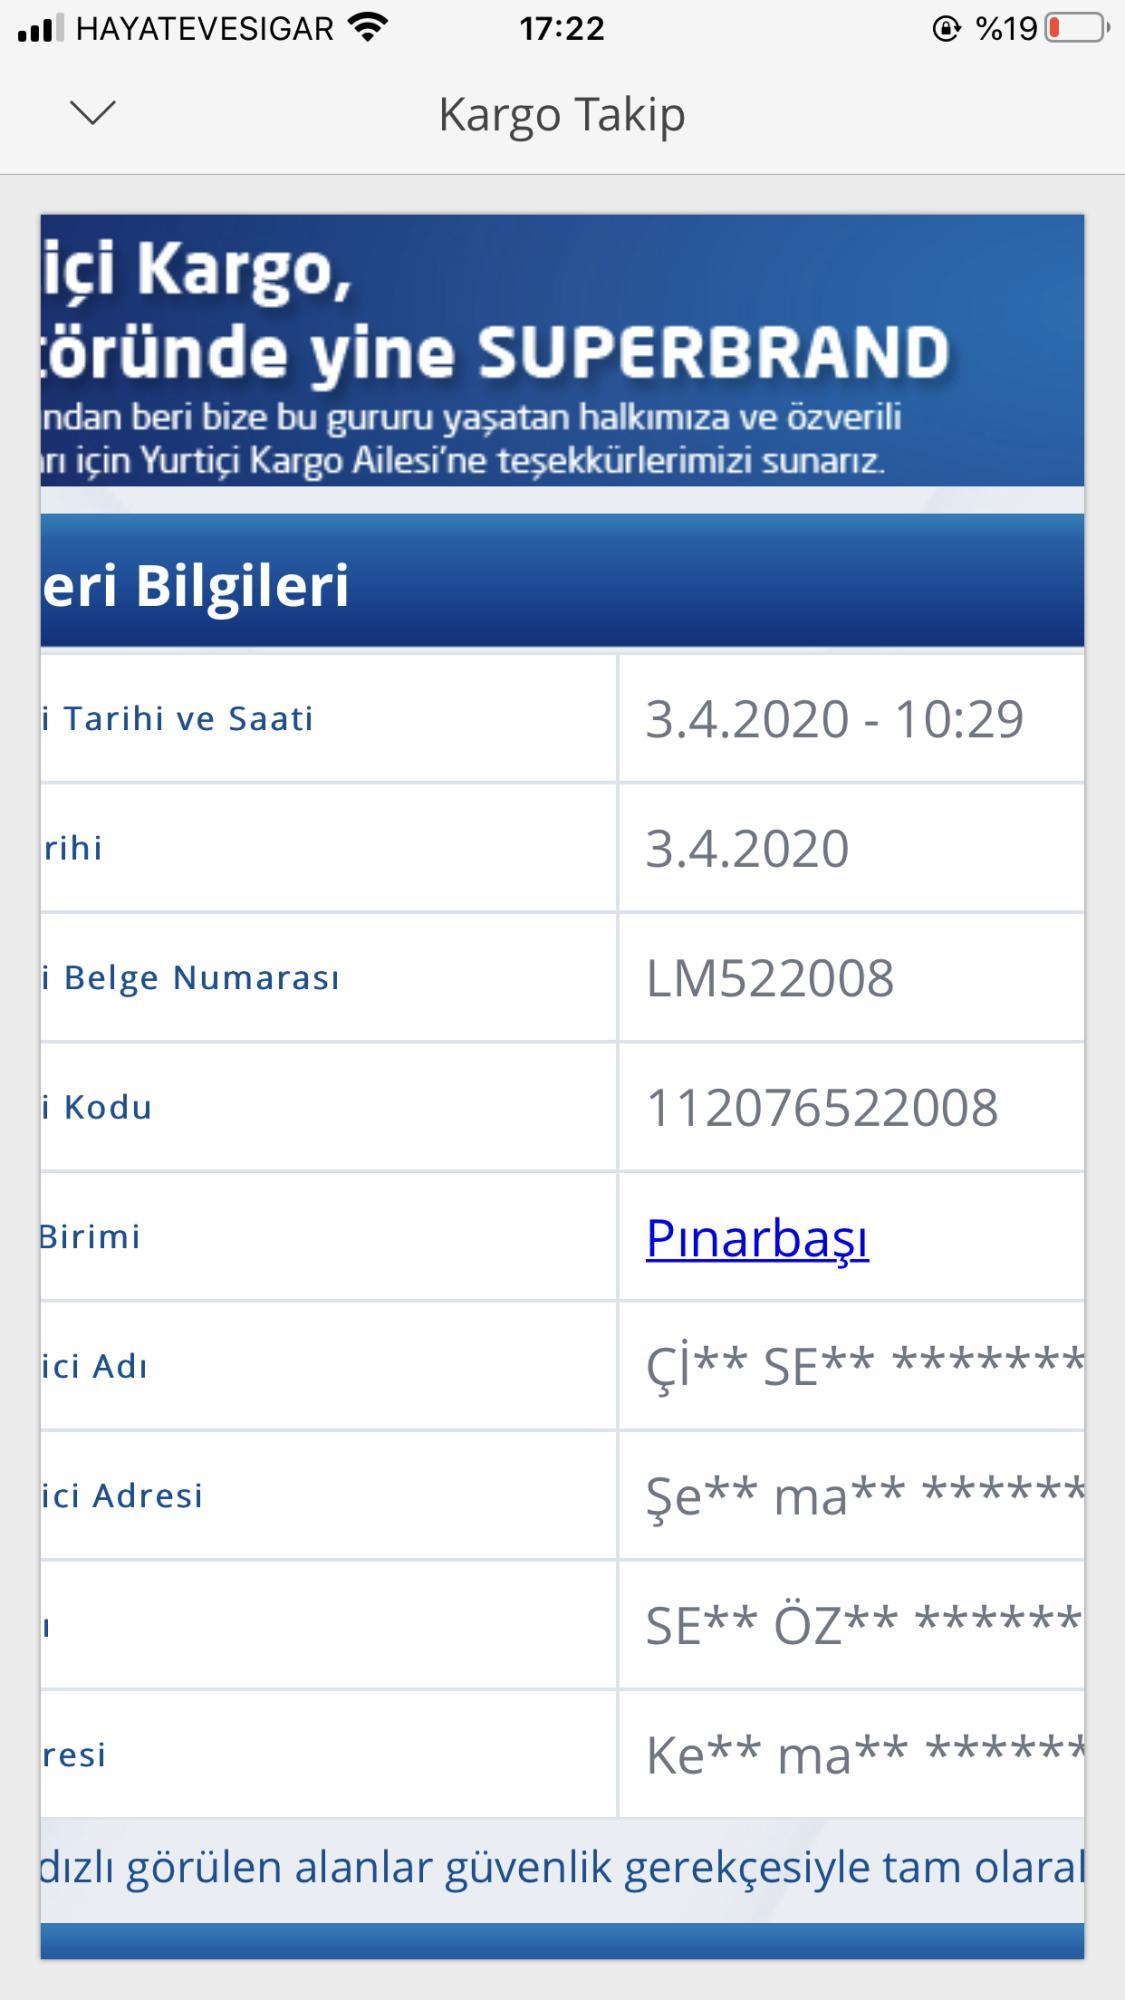 Yurtiçi Kargo Telefon Numarası ve İzmir Şikayetleri - Şikayetvar